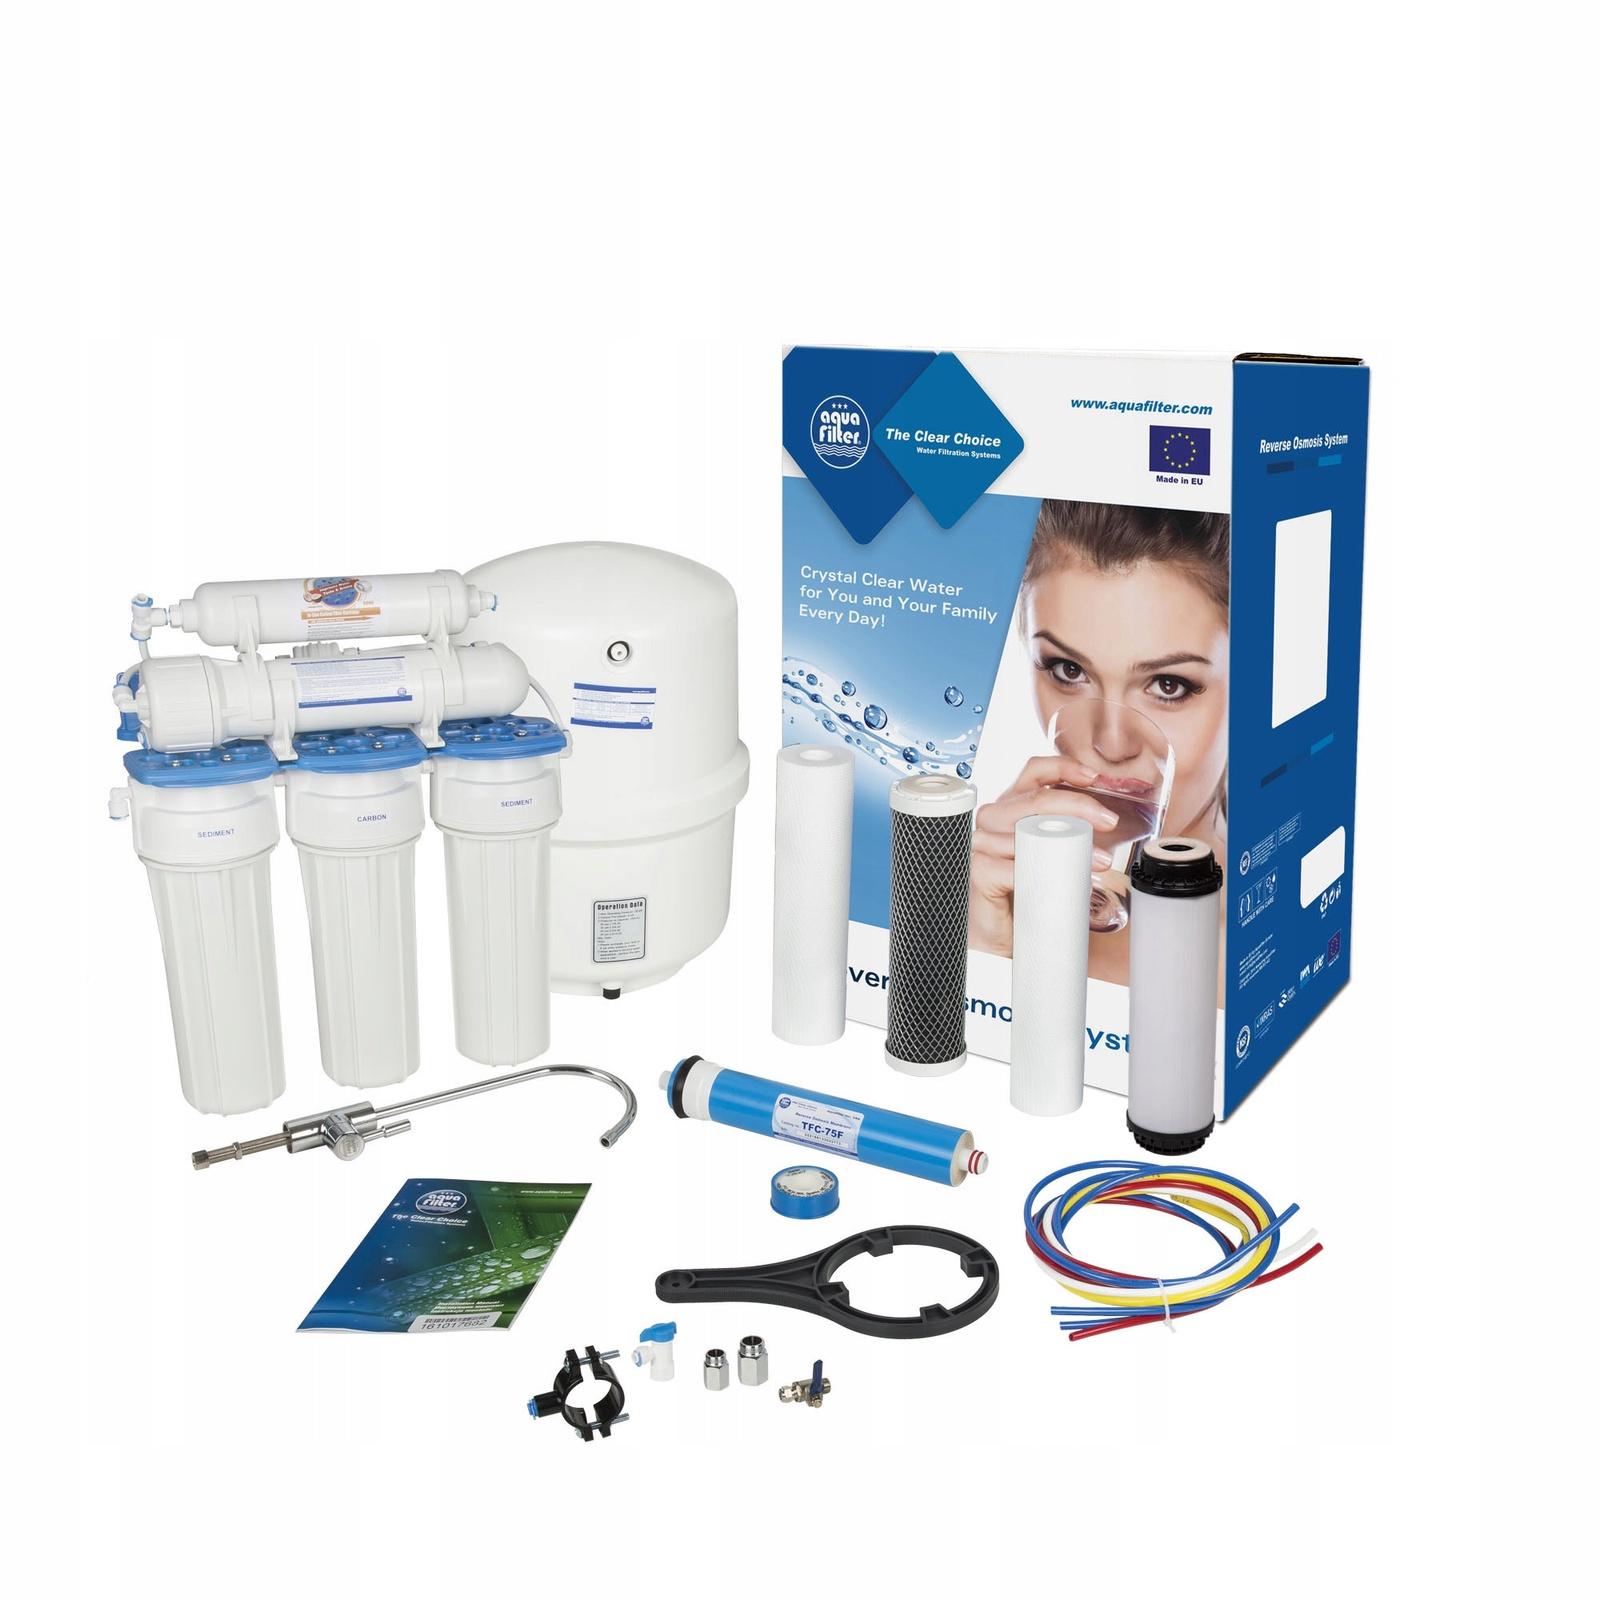 Пятиступенчатая система обратного осмоса, комплексная очистка, удаление вирусов и бактерий, Aquafilter RX55249516, 518